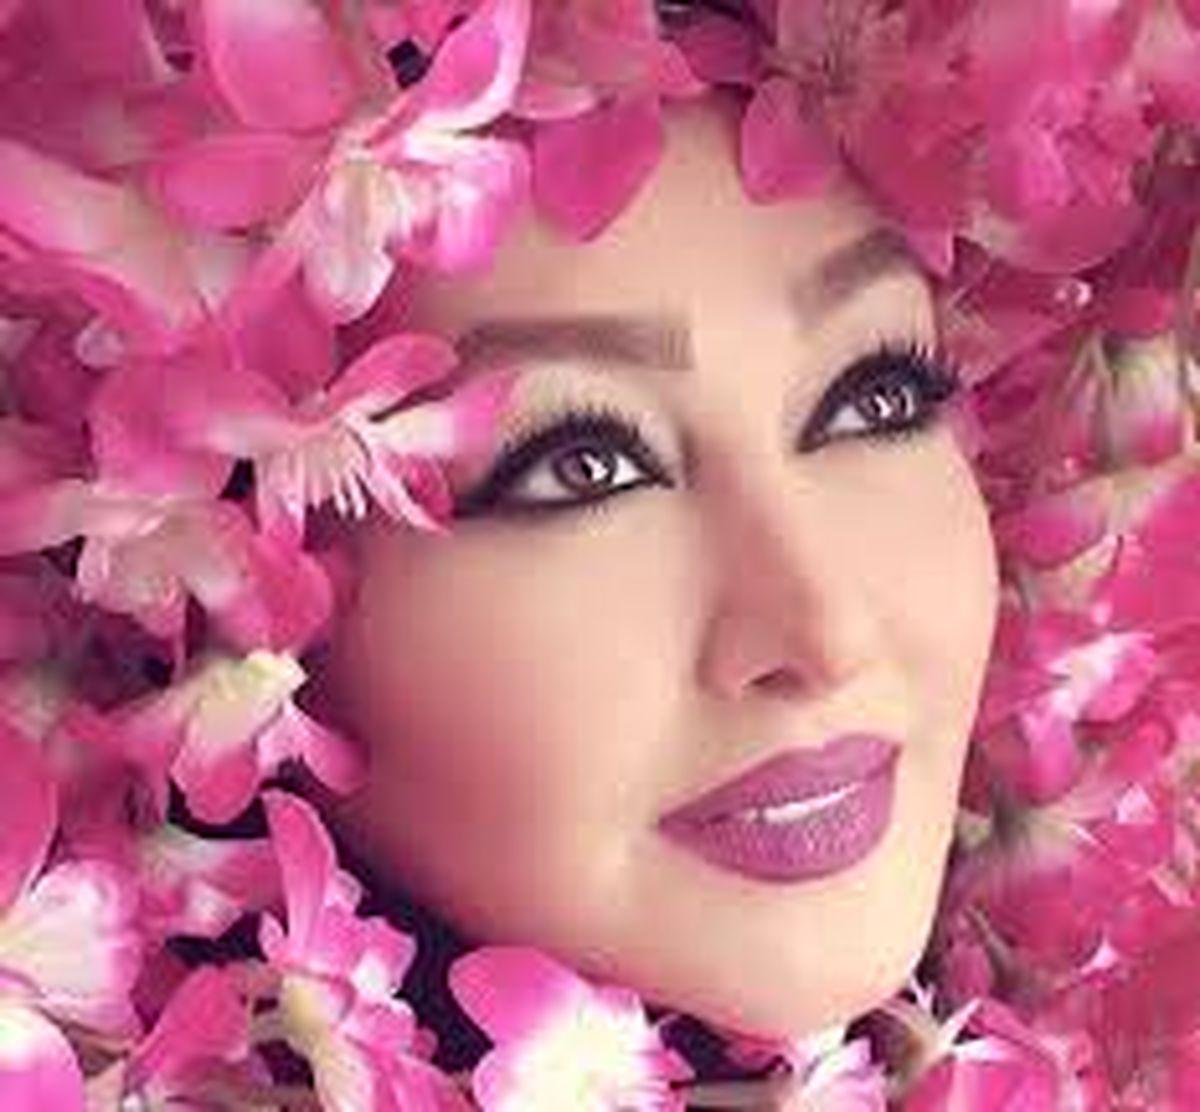 مراسم ازدواج فوق لاکچری الهام حمیدی جنجالی شد + عکس لورفته